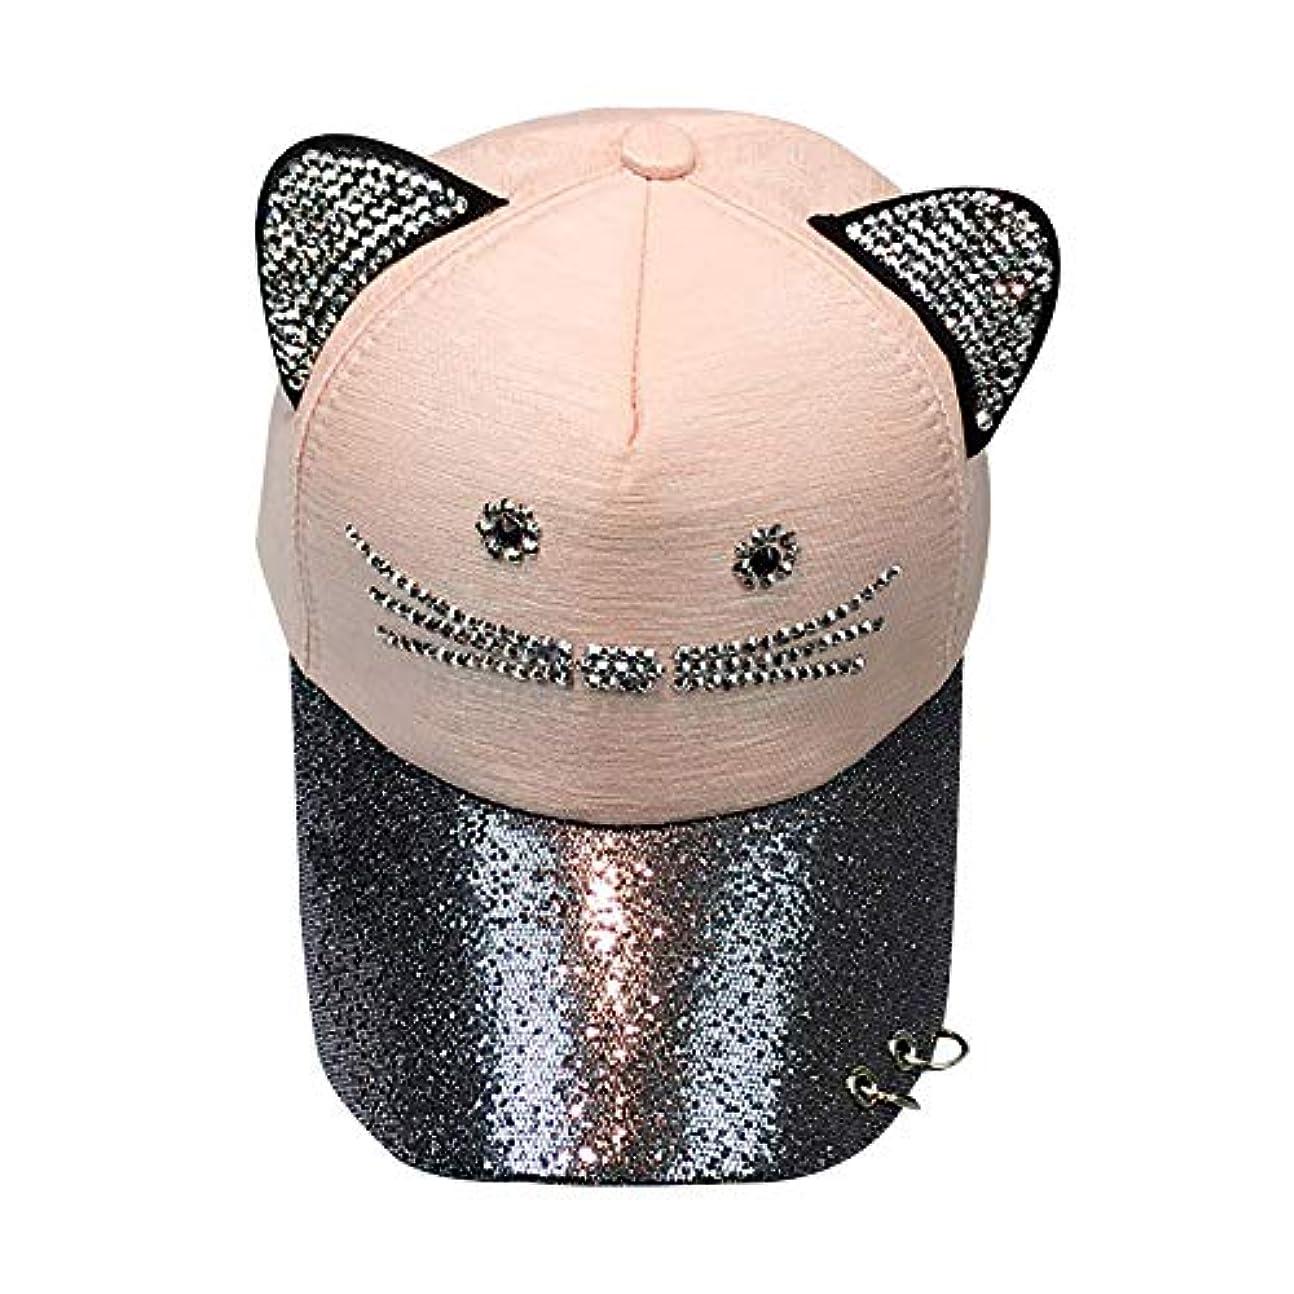 浸透するスリップ公爵夫人Racazing Cap 野球帽 ヒップホップ メンズ 男女兼用 夏 登山 帽子スパンコール 可調整可能 プラスベルベット 棒球帽 UV 帽子 軽量 屋外 Unisex Hat